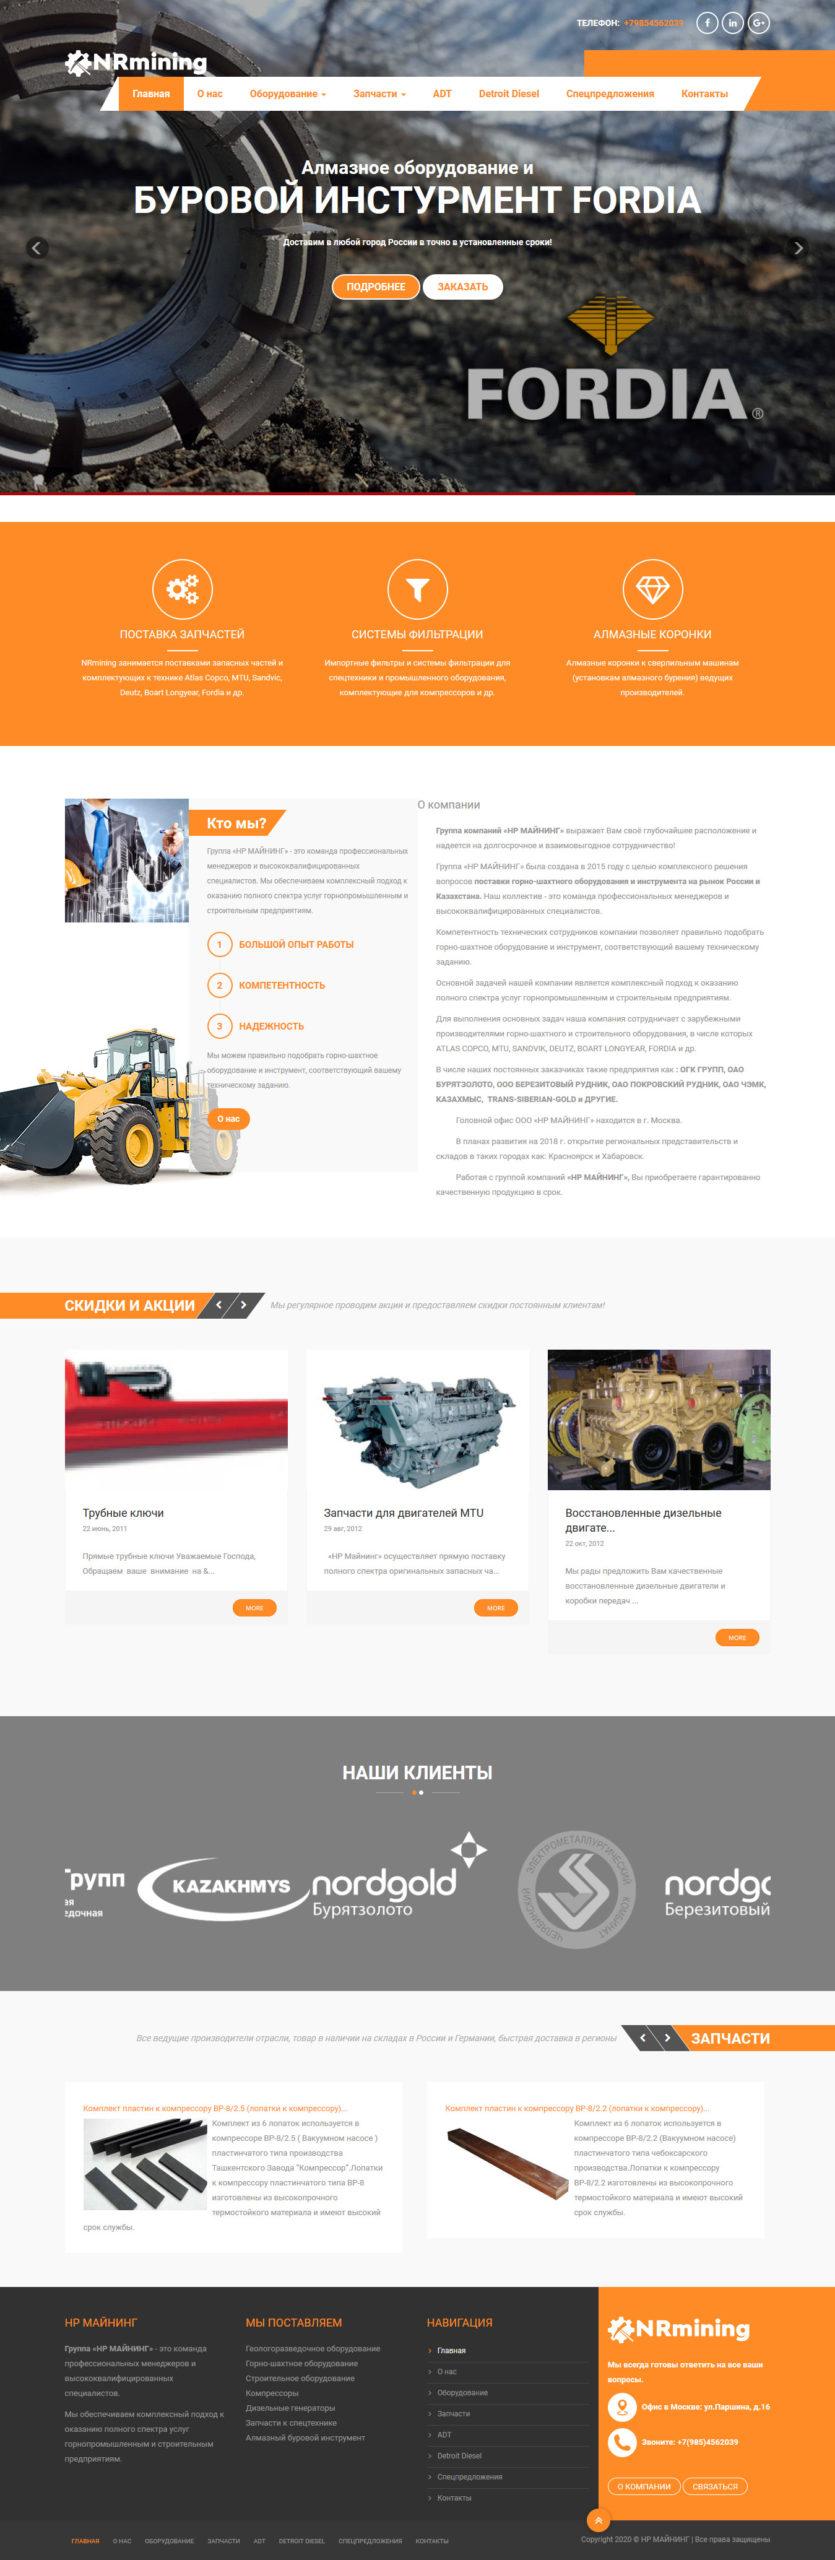 NR Mining